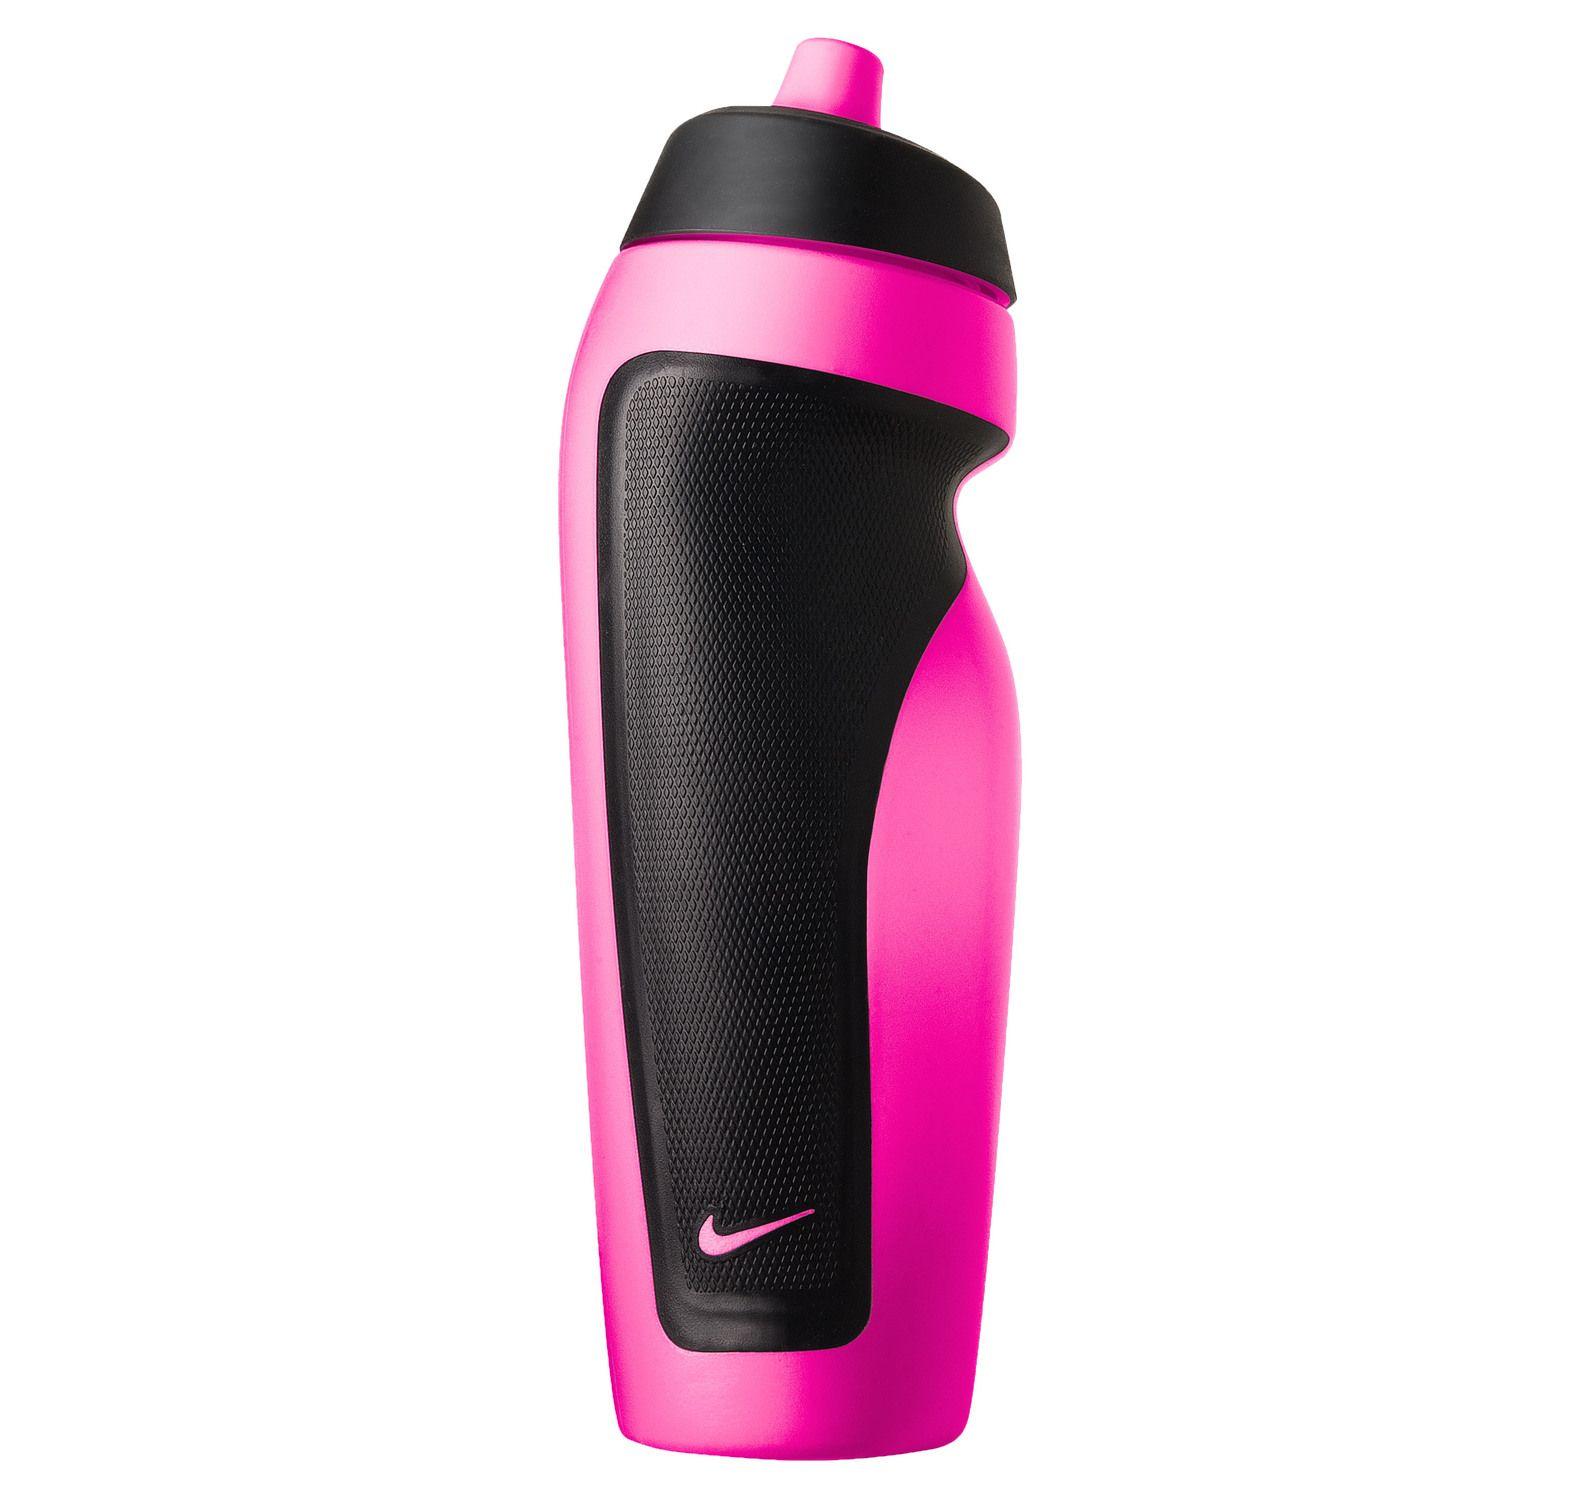 Nike Sport Water Bottle, Pink Pow/Black, Onesize, Nike